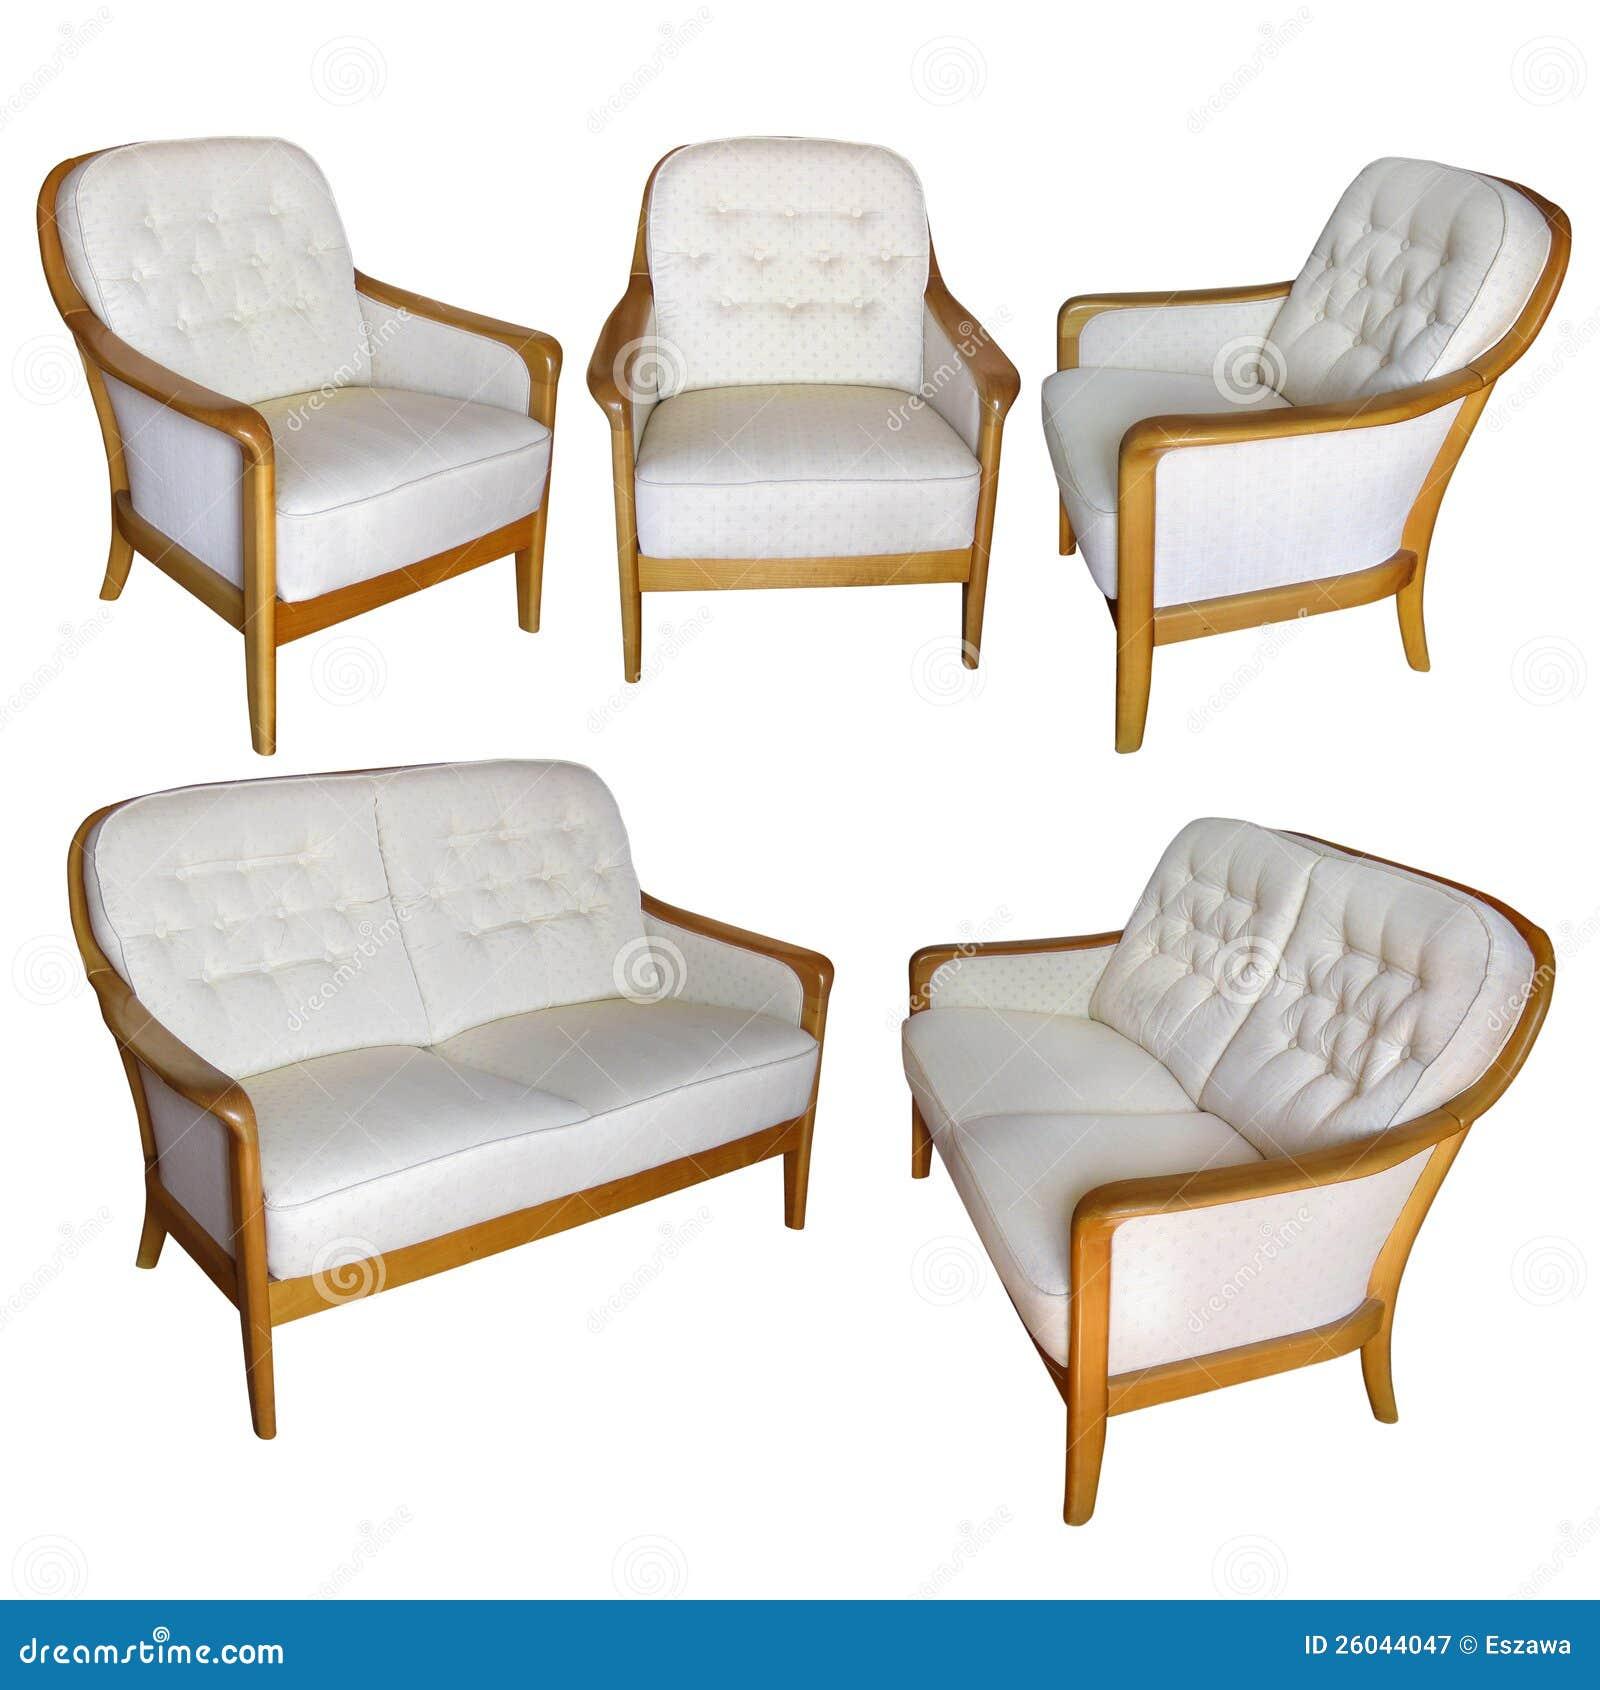 muebles naranjo ingenio obtenga ideas dise o de muebles